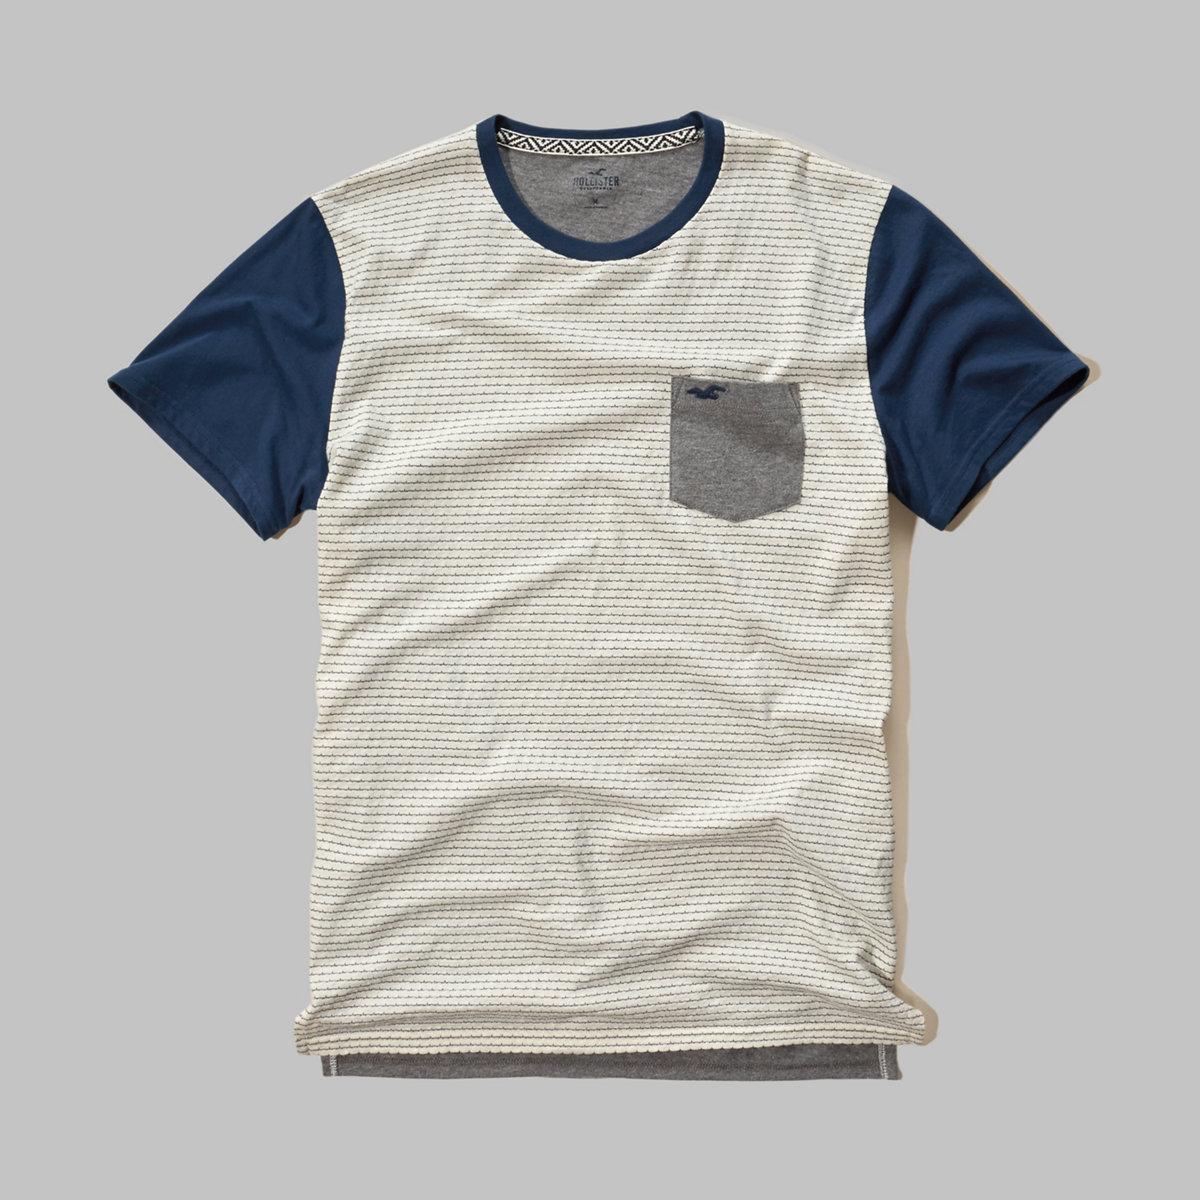 Textured Contrast T-Shirt